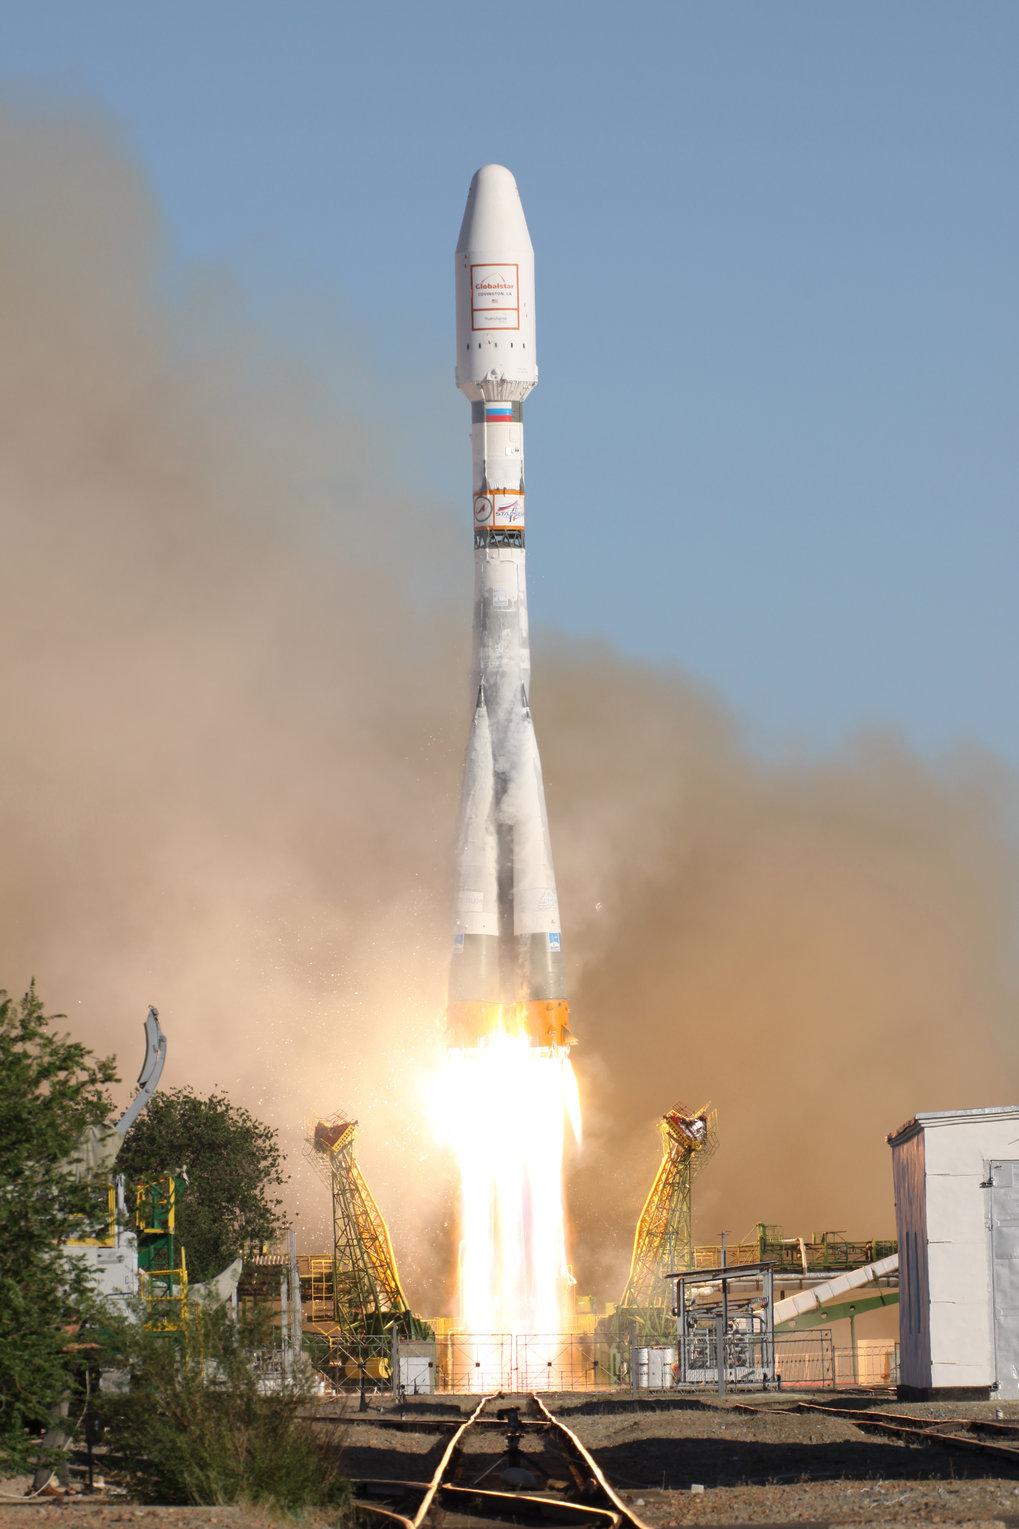 Start einer Sojus 2-1A vom Cosmodrom in Baikonur. Eine Rakete dieses Typs hat nun die erste Icarus-Komponente zur ISS gebracht. Im Bordcomputer OBC-I